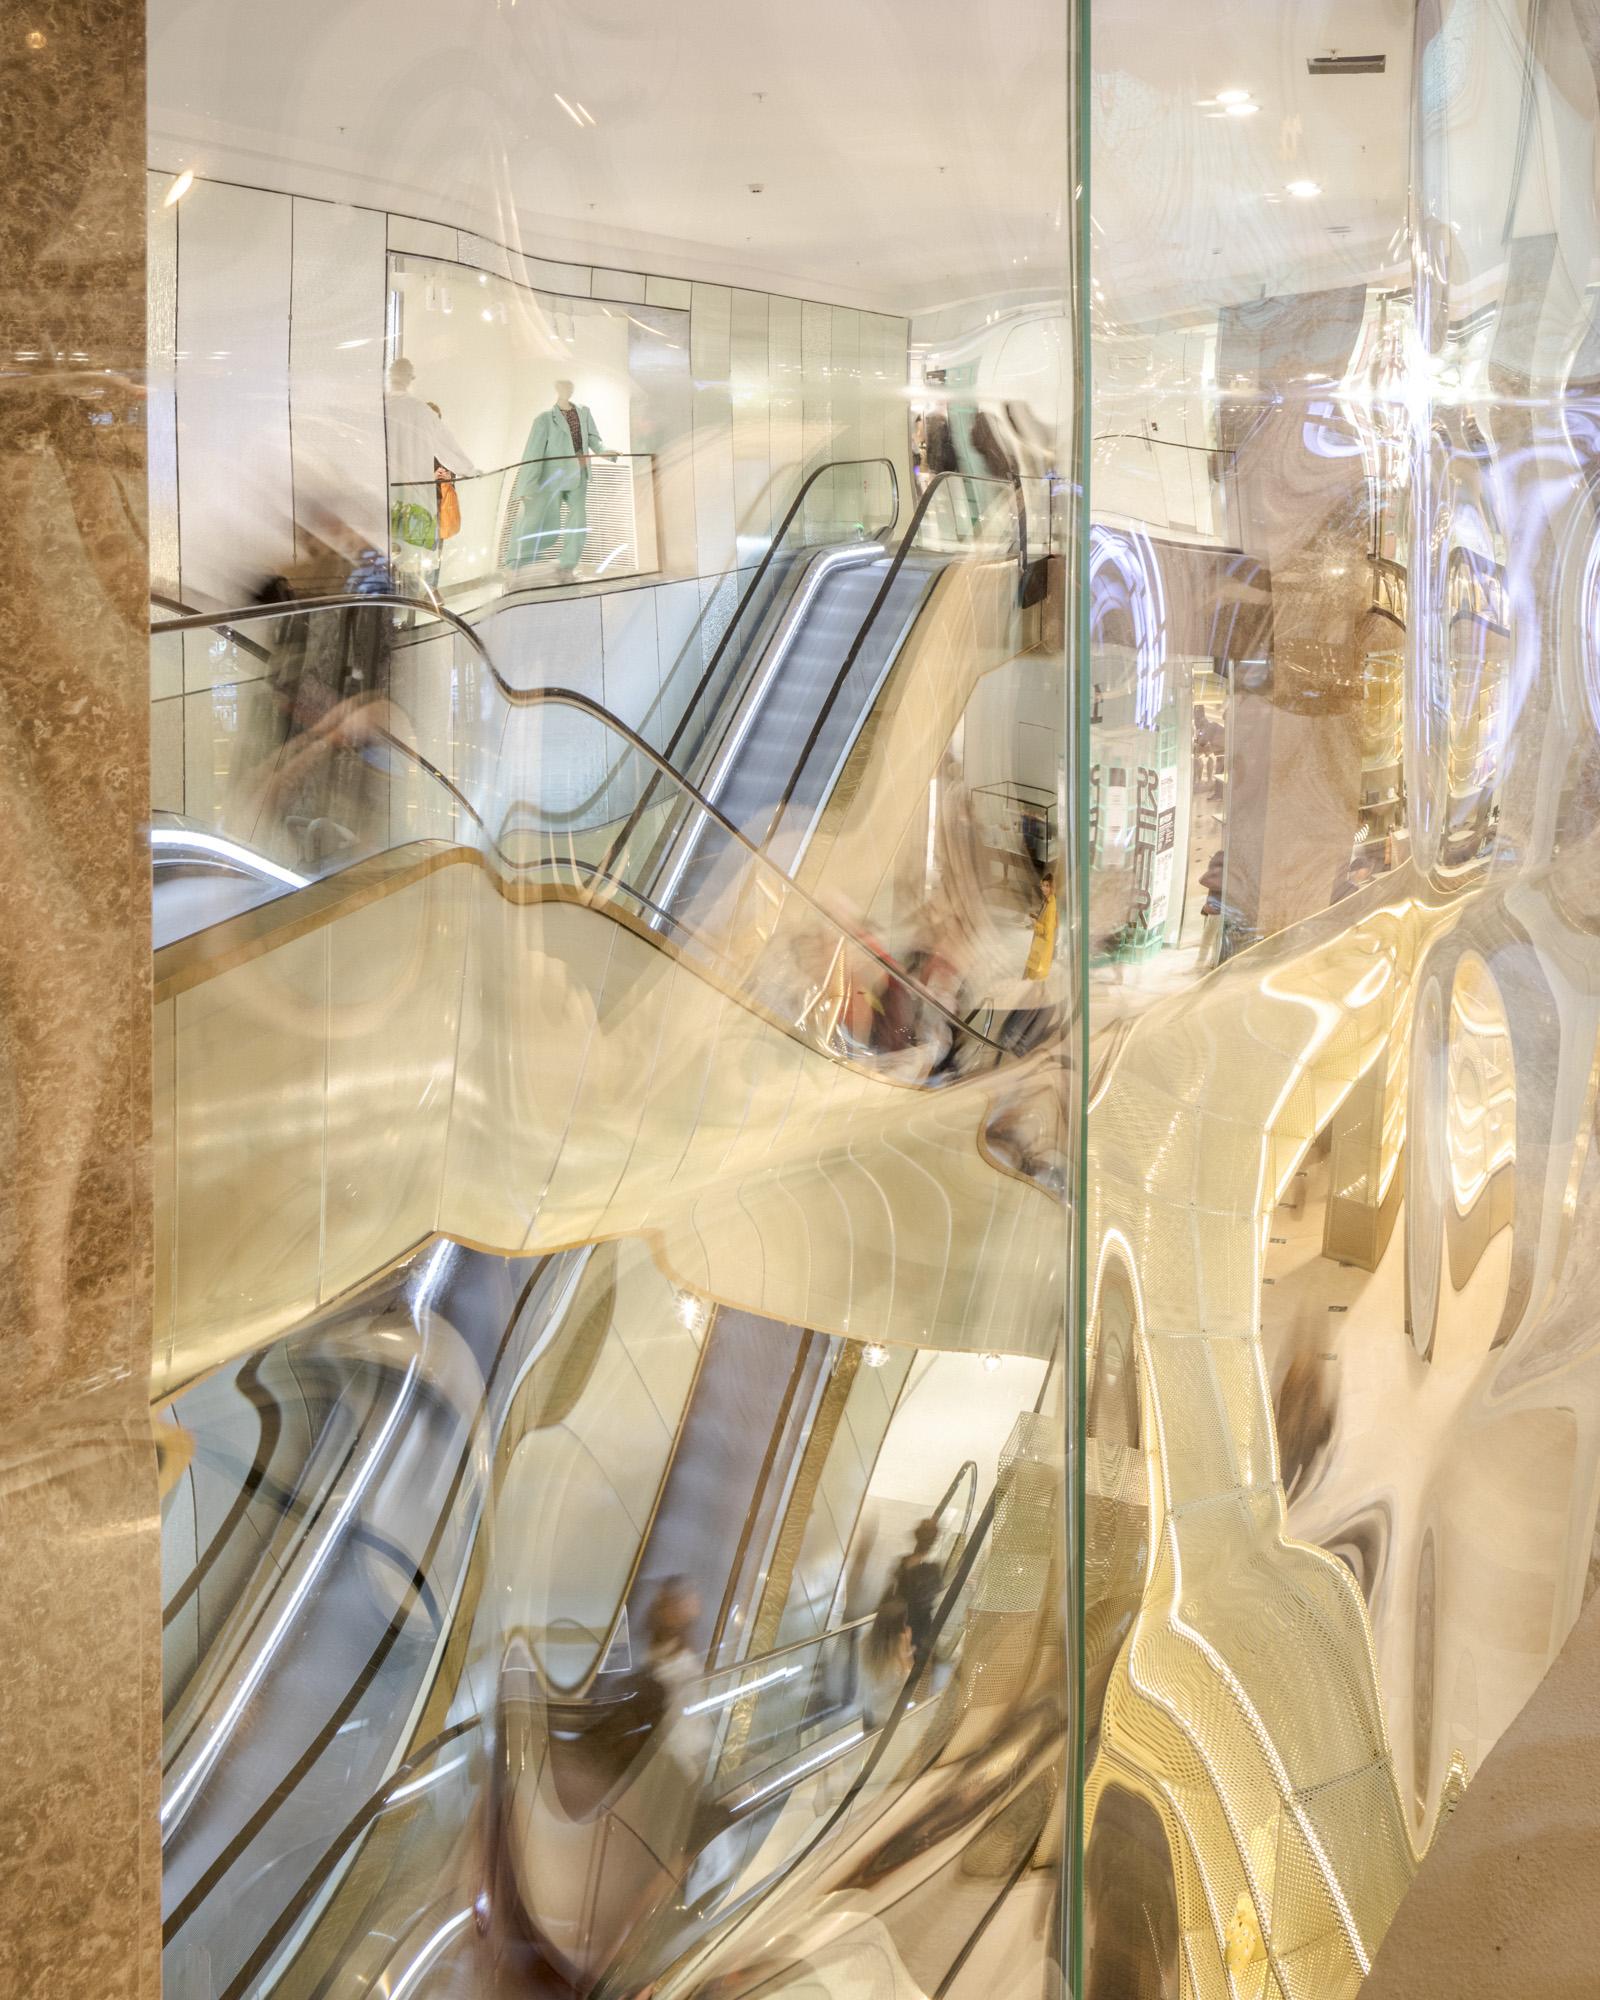 11h45-photographie-architecture-BIG-bjarke-ingels-lafayette-élysées-10.jpg